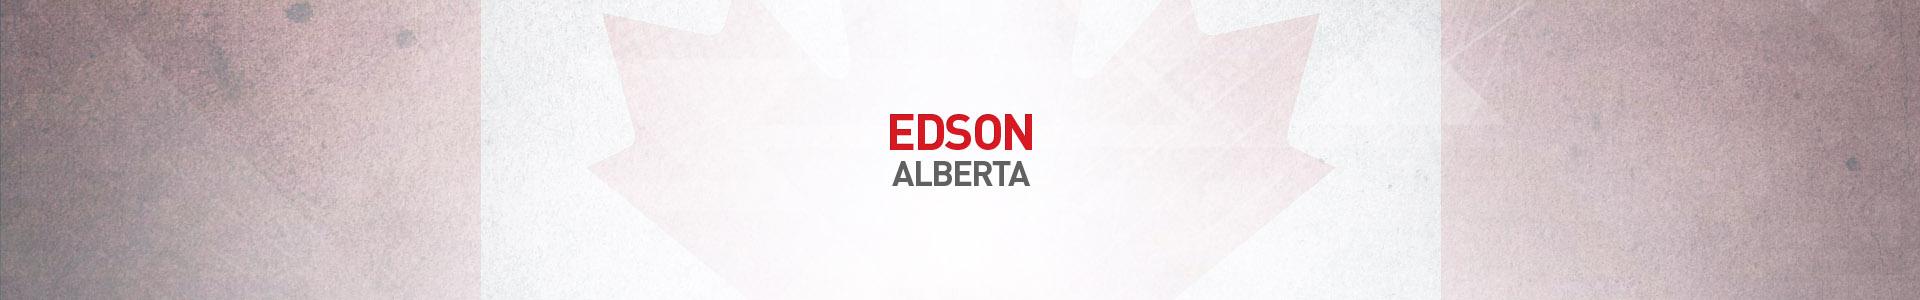 Topo-Cidades-Edson-SBA